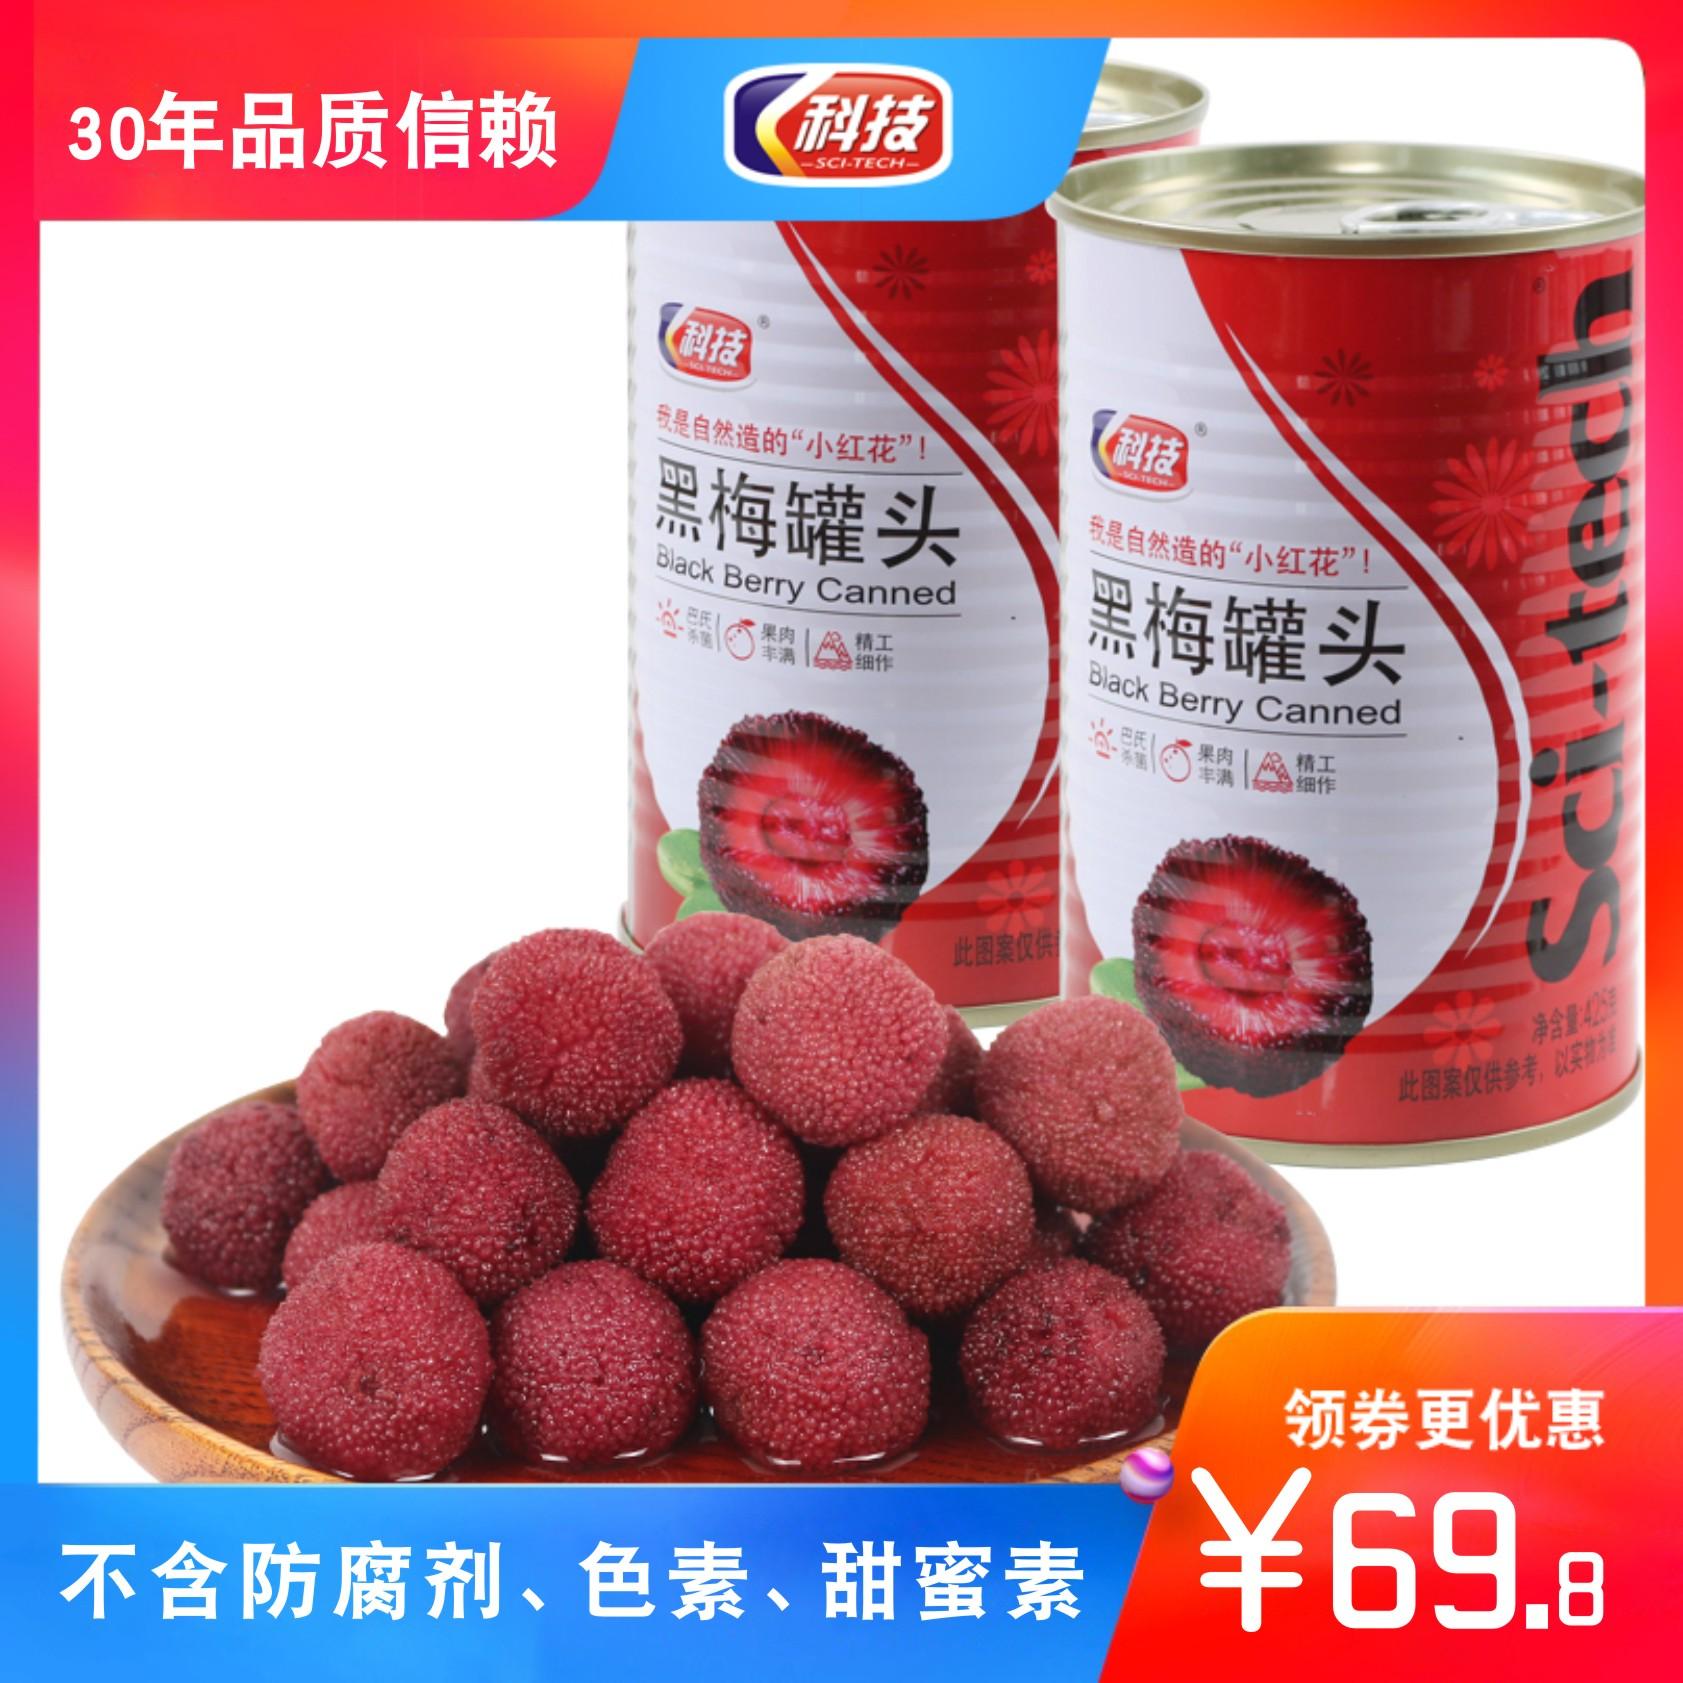 12罐科技糖水黑梅罐头425g 新鲜杨梅 台州特产 餐饮冷盘 人气产品